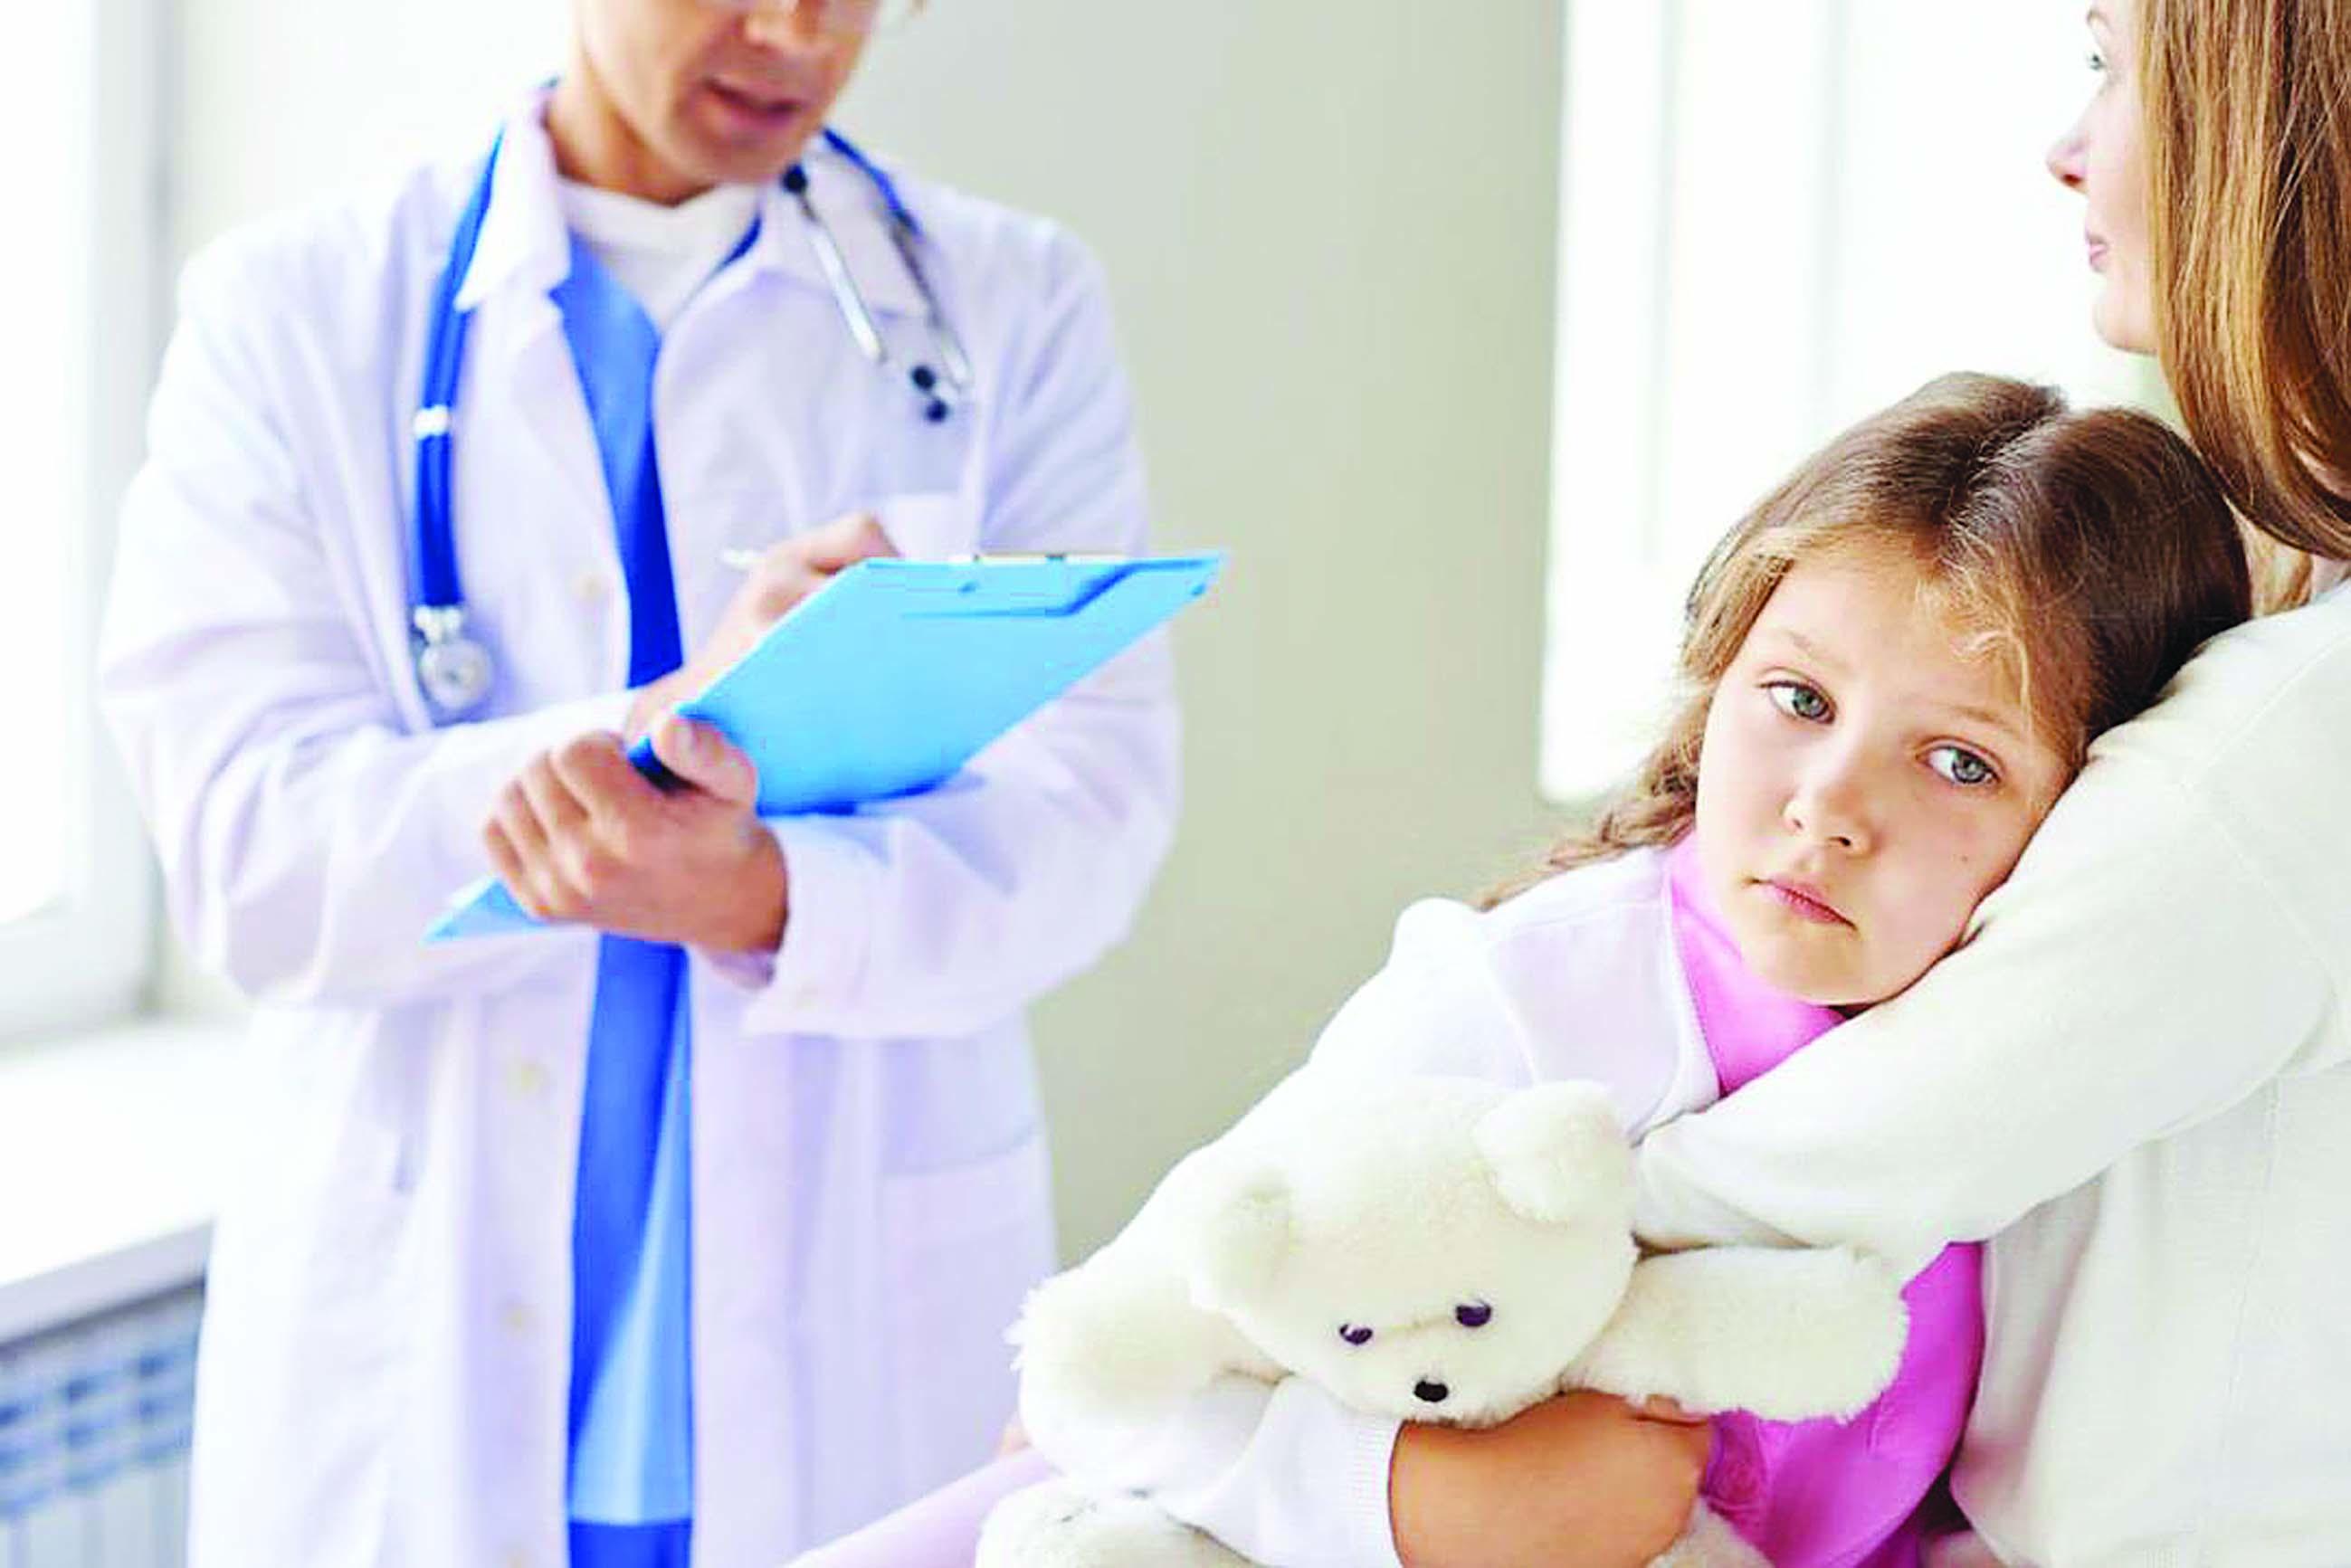 د. رأفت رعد: تضخم اللحمية واللوزتين قد يسبب ضعف السمع